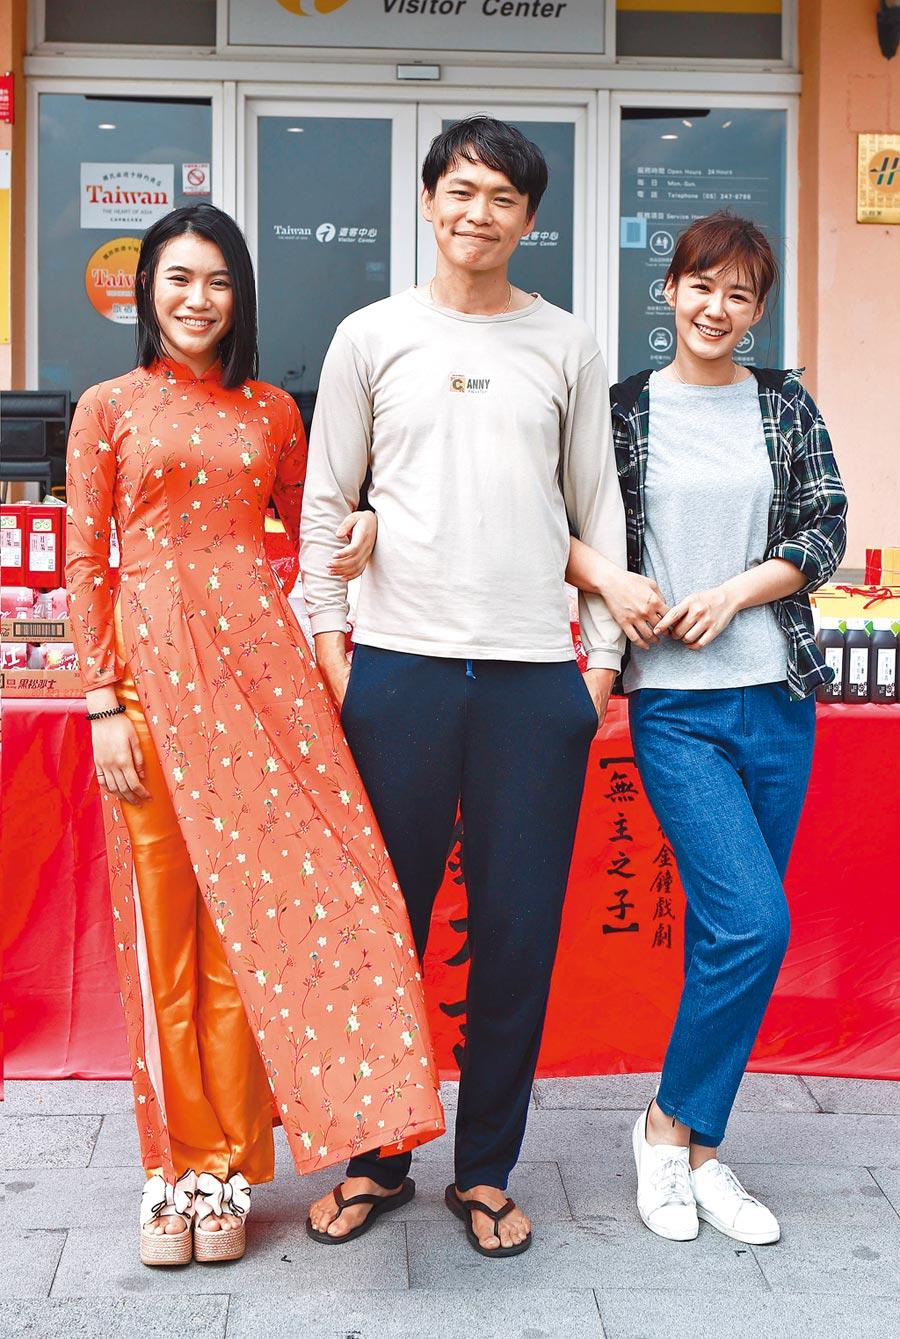 郭雅茹(左起)、黃鐙輝、李又汝合作演出新戲《無主之子》。(民視提供)